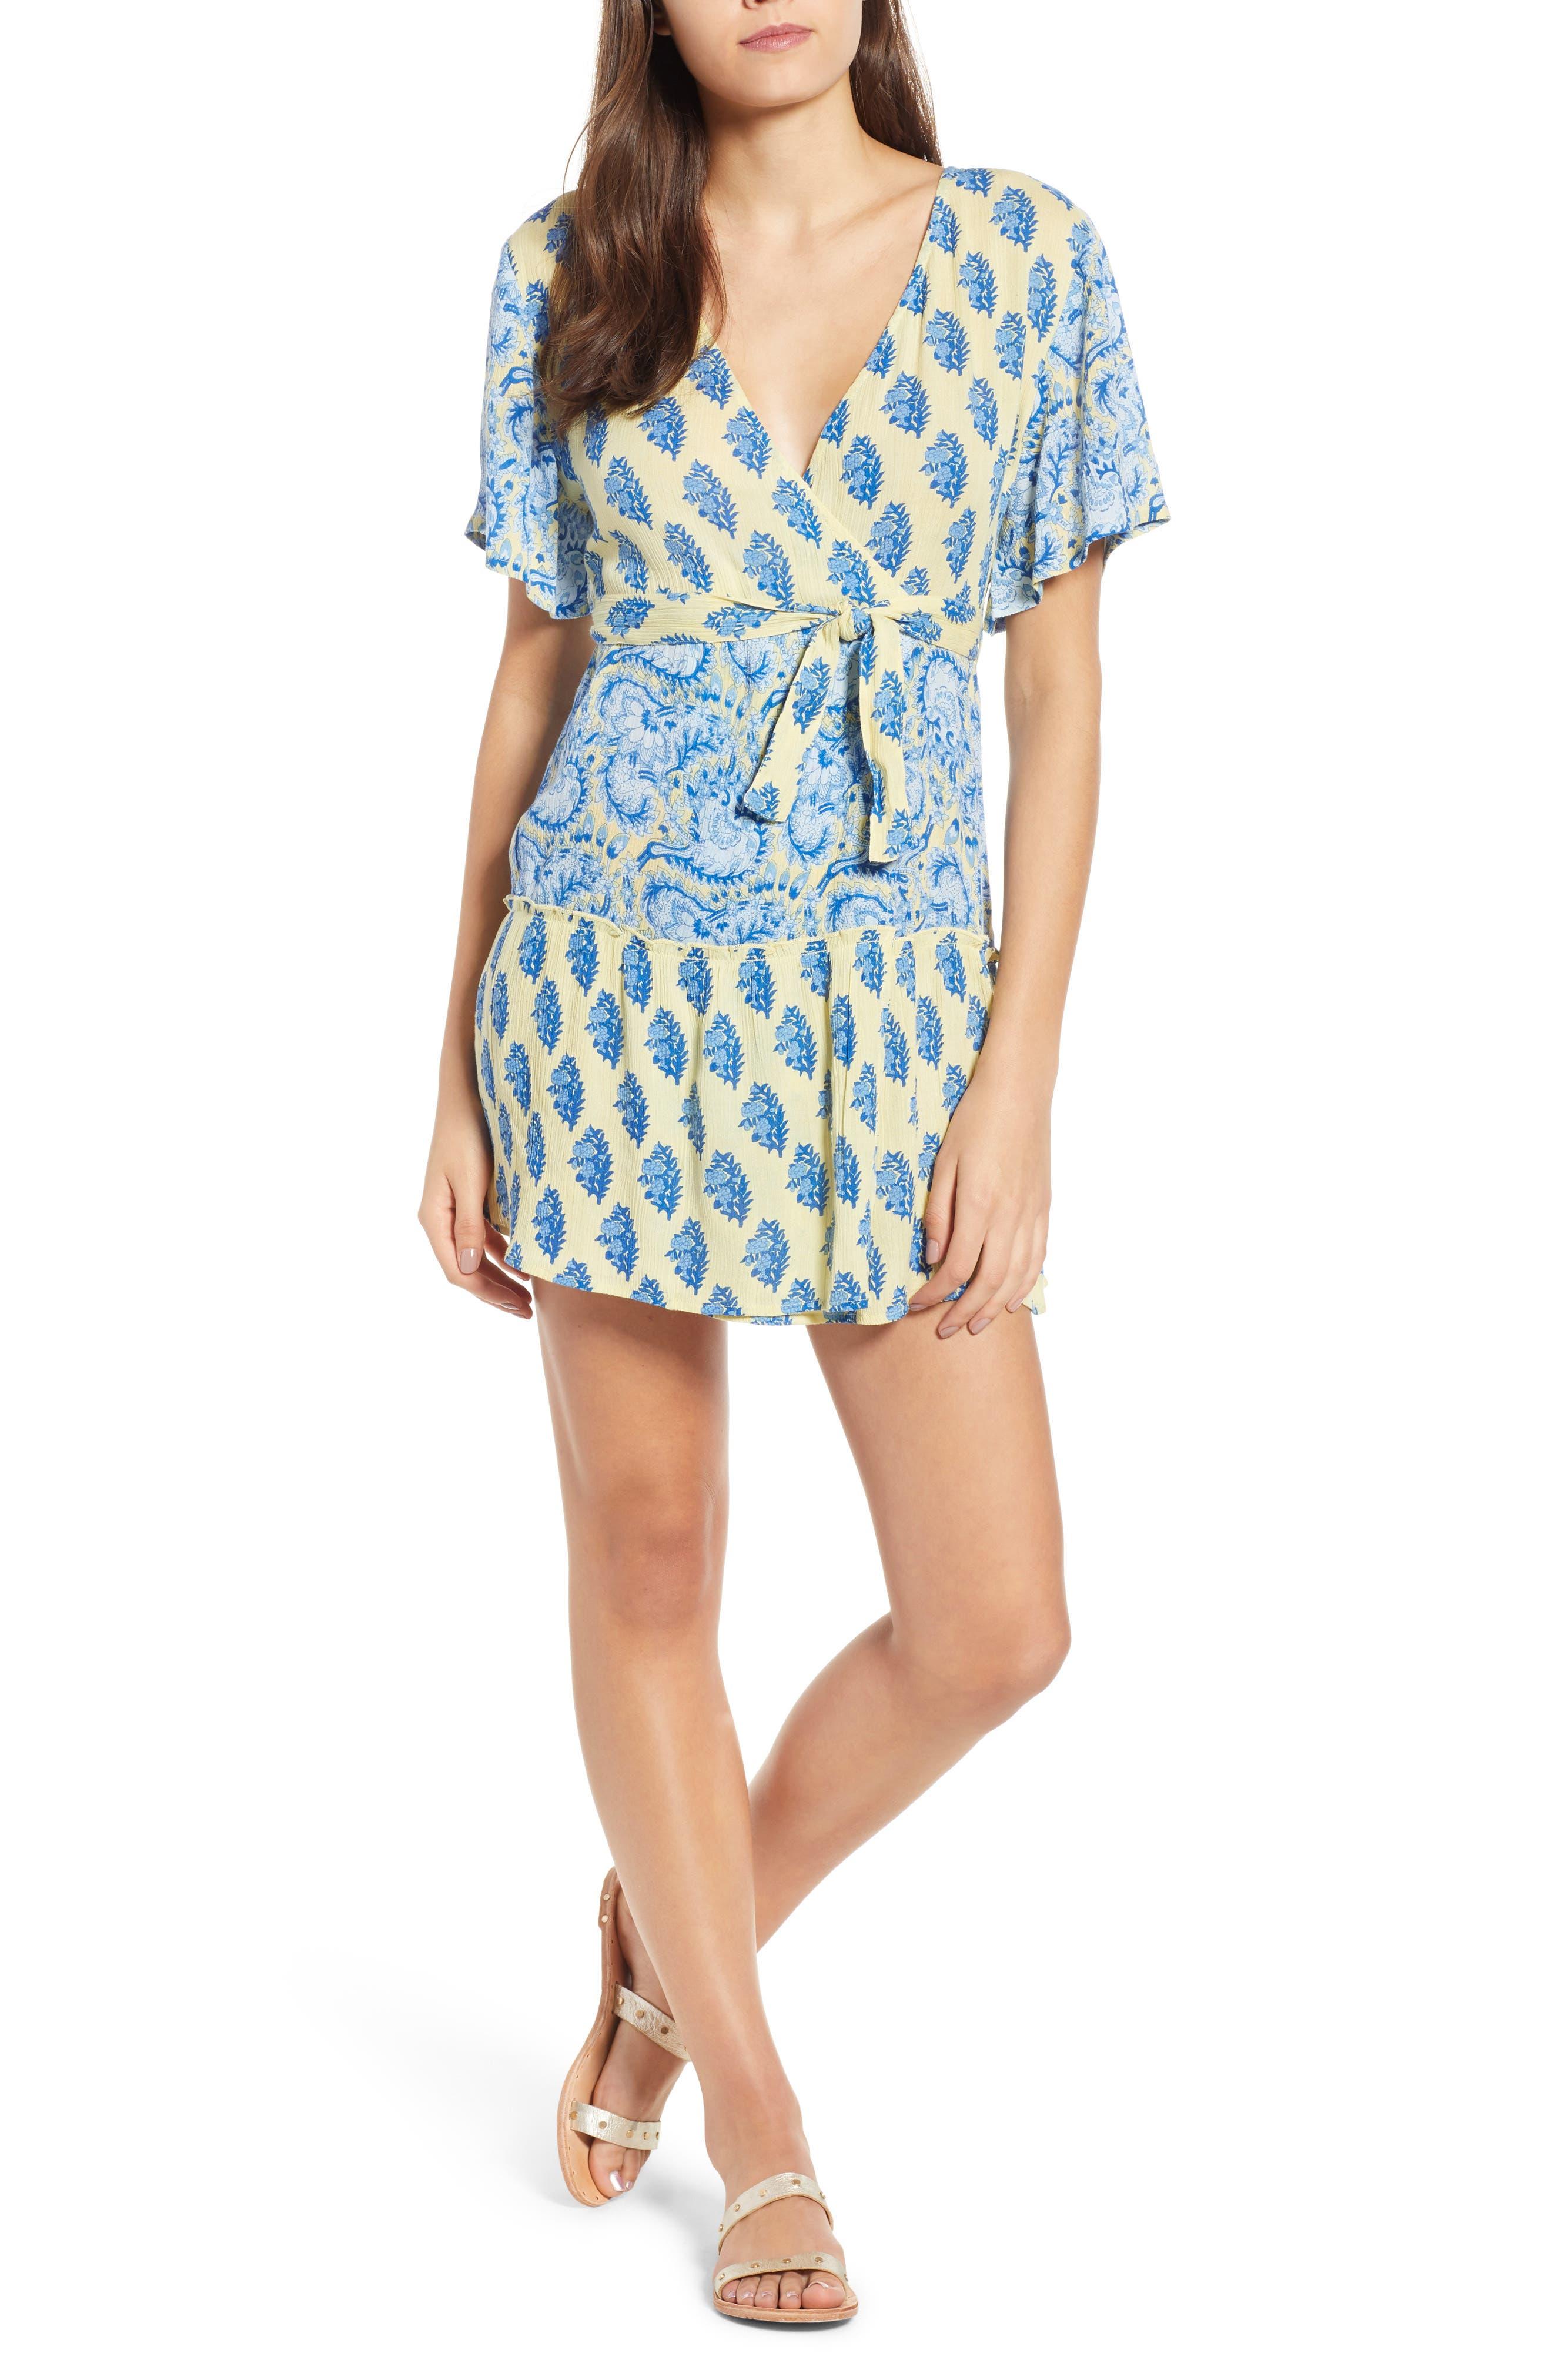 Sunlit Daze Minidress,                         Main,                         color, 700